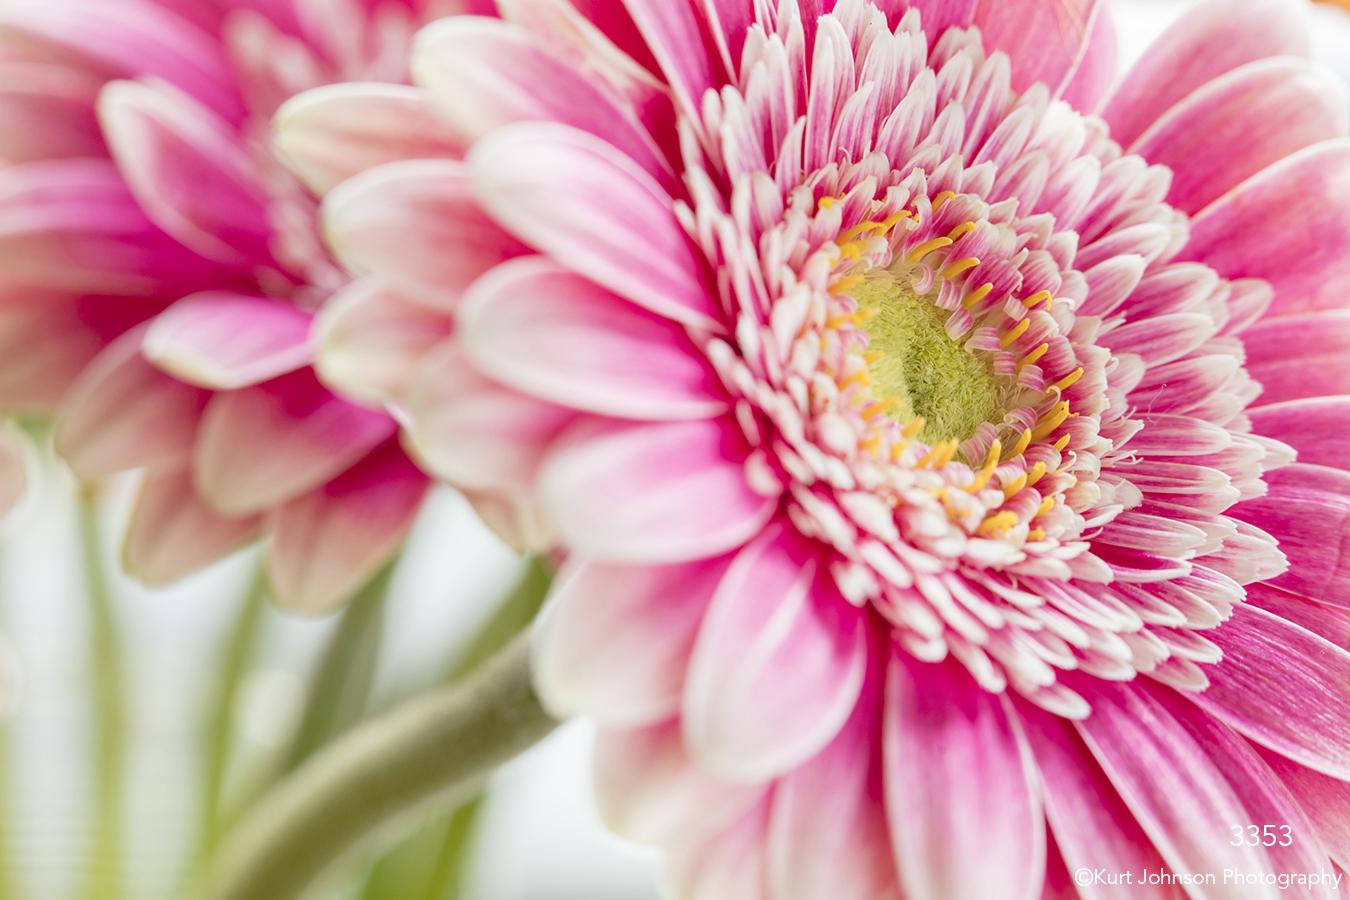 flower pink daisy petals pink petals flowers